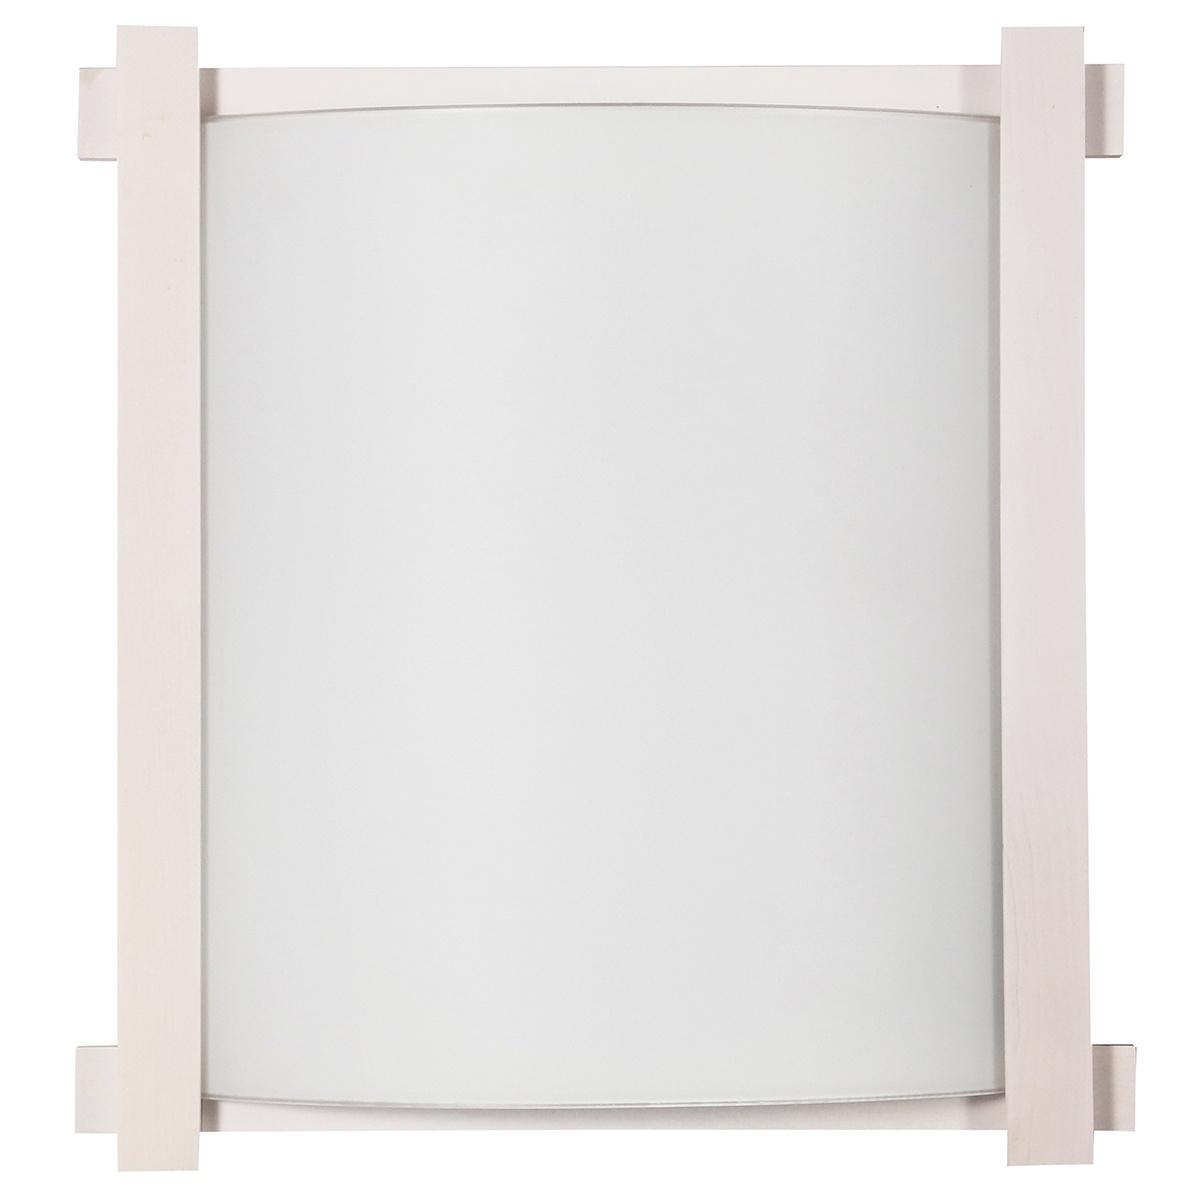 Настенно-потолочный светильник Дубравия Кори173-11-21Светильник настенно-потолочный Кори 1xE27x40Вт Дубравия 173-11-21 Элегантная модель этого светильника, который выпускается под брендом Дубравия, относится к серии изделий – Кори. Современный стиль светильника идеально подойдет для гостиной, но также отлично будет смотреться и в других комнатах квартиры и дома. Настенно-потолочный способ крепления позволяет использовать Светильник настенно-потолочный Кори 1xE27x40Вт Дубравия 173-11-21 как на стене, так и на потолке, значительно разнообразив варианты декора комнат с помощью этой модели. При производстве этой модели светильника используется дерево в качестве материала для арматуры, которая окрашена в цвет – беленый. Лампочки с цоколем E27 и используемой мощностью – 1x40Вт рассчитаны на максимальную площадь освещения – 3-5 кв.м. Производитель светильников под брендом Дубравия гарантирует неизменное качество продукции и поддержку высокого уровня сервиса для своих потребителей.